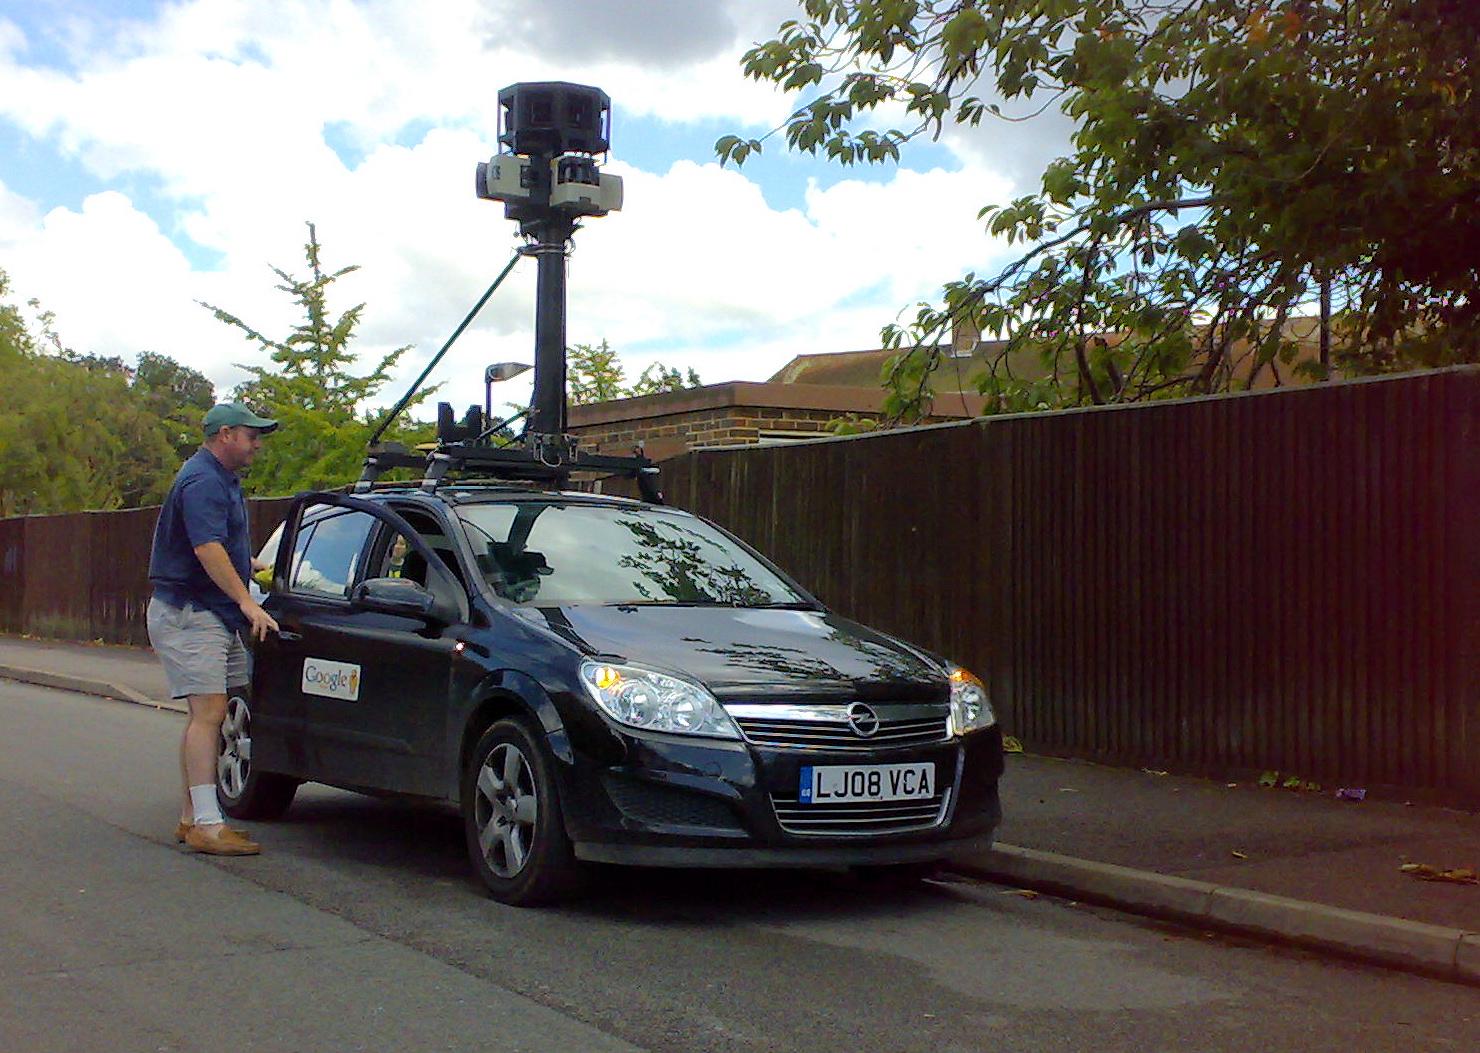 Google_Street_View_Car_in_Southampton